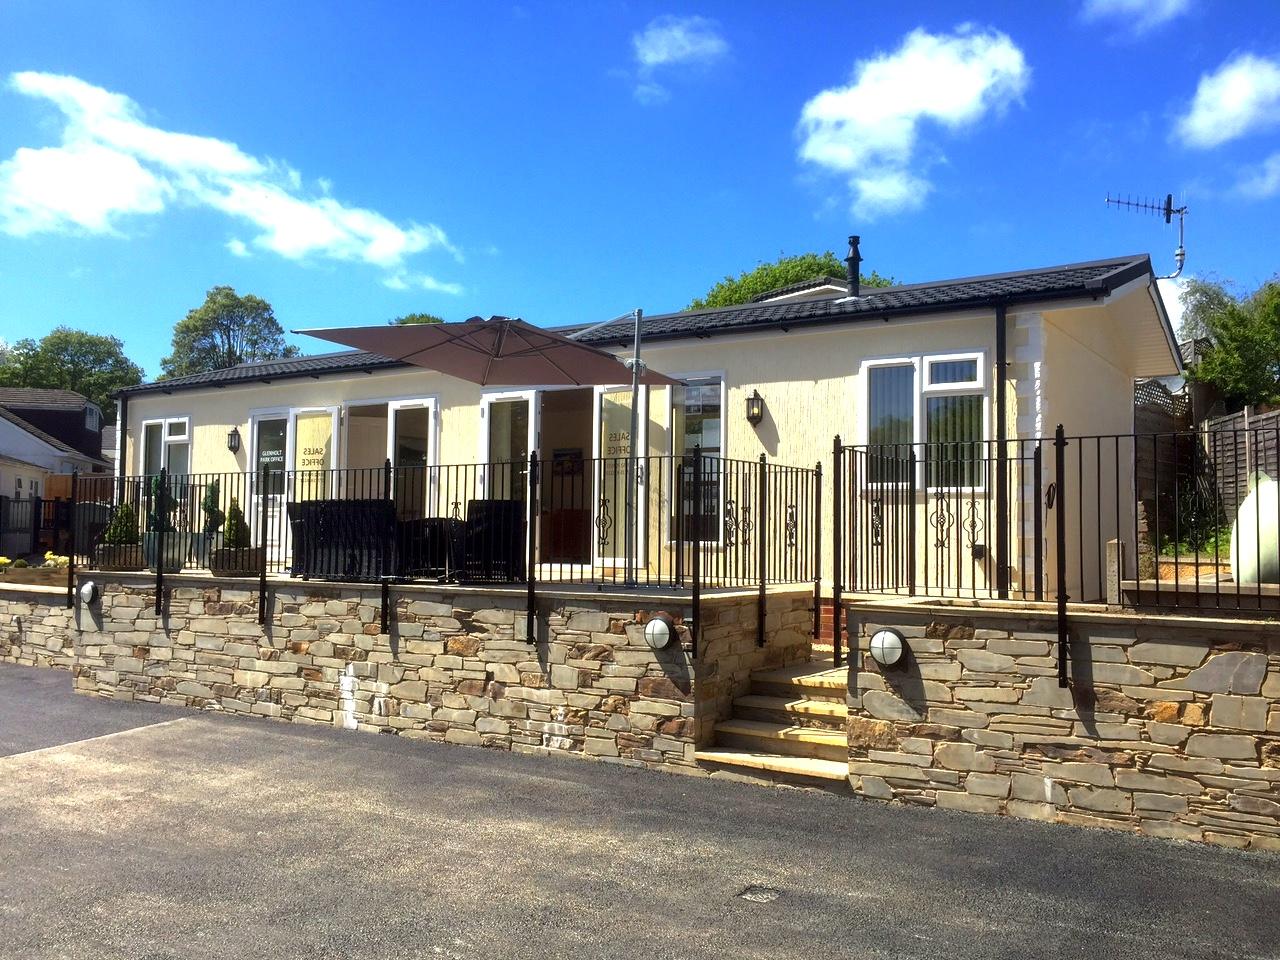 New Reception at Glenholt Park